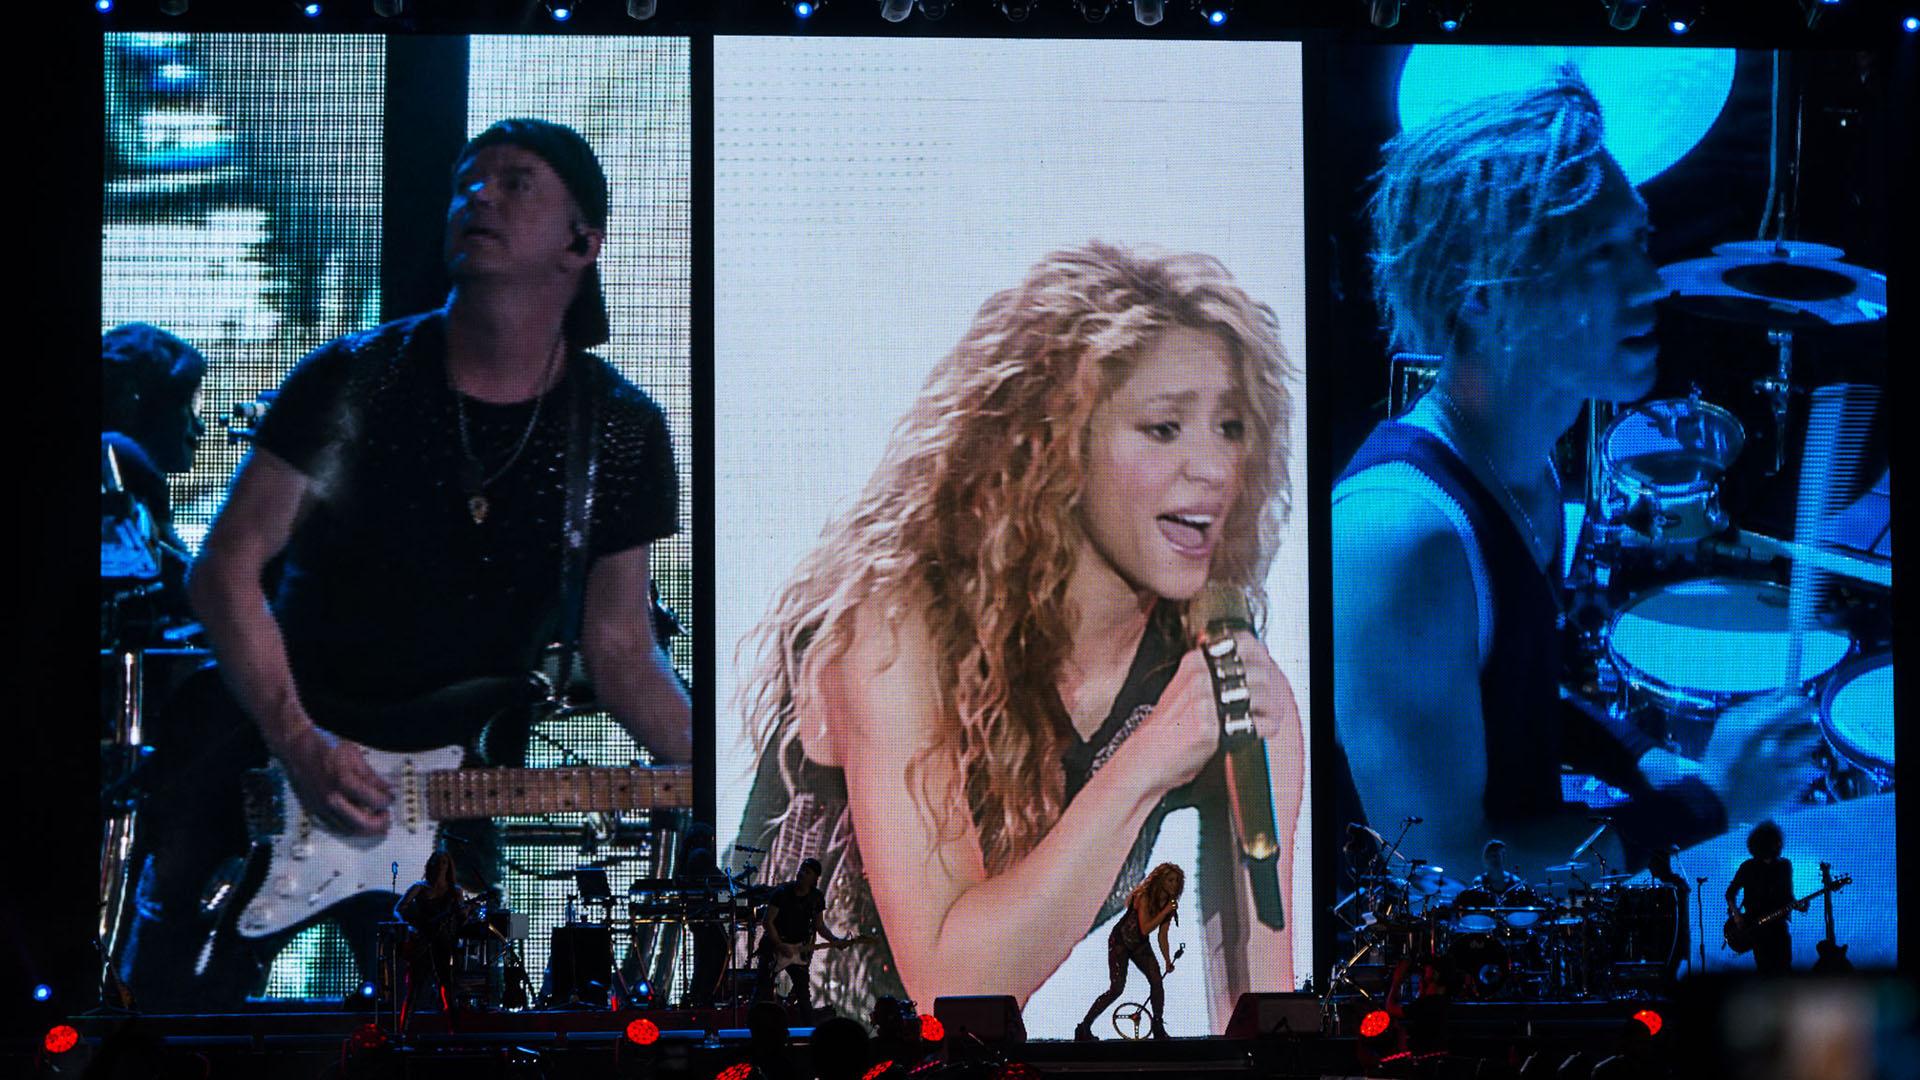 La cantante ya se ha presentado en los Estados Unidos, más de 10 países de Europa y en las últimas semanas estuvo tocando en Latinoamérica: visitó México, Brasil y ahora la Argentina